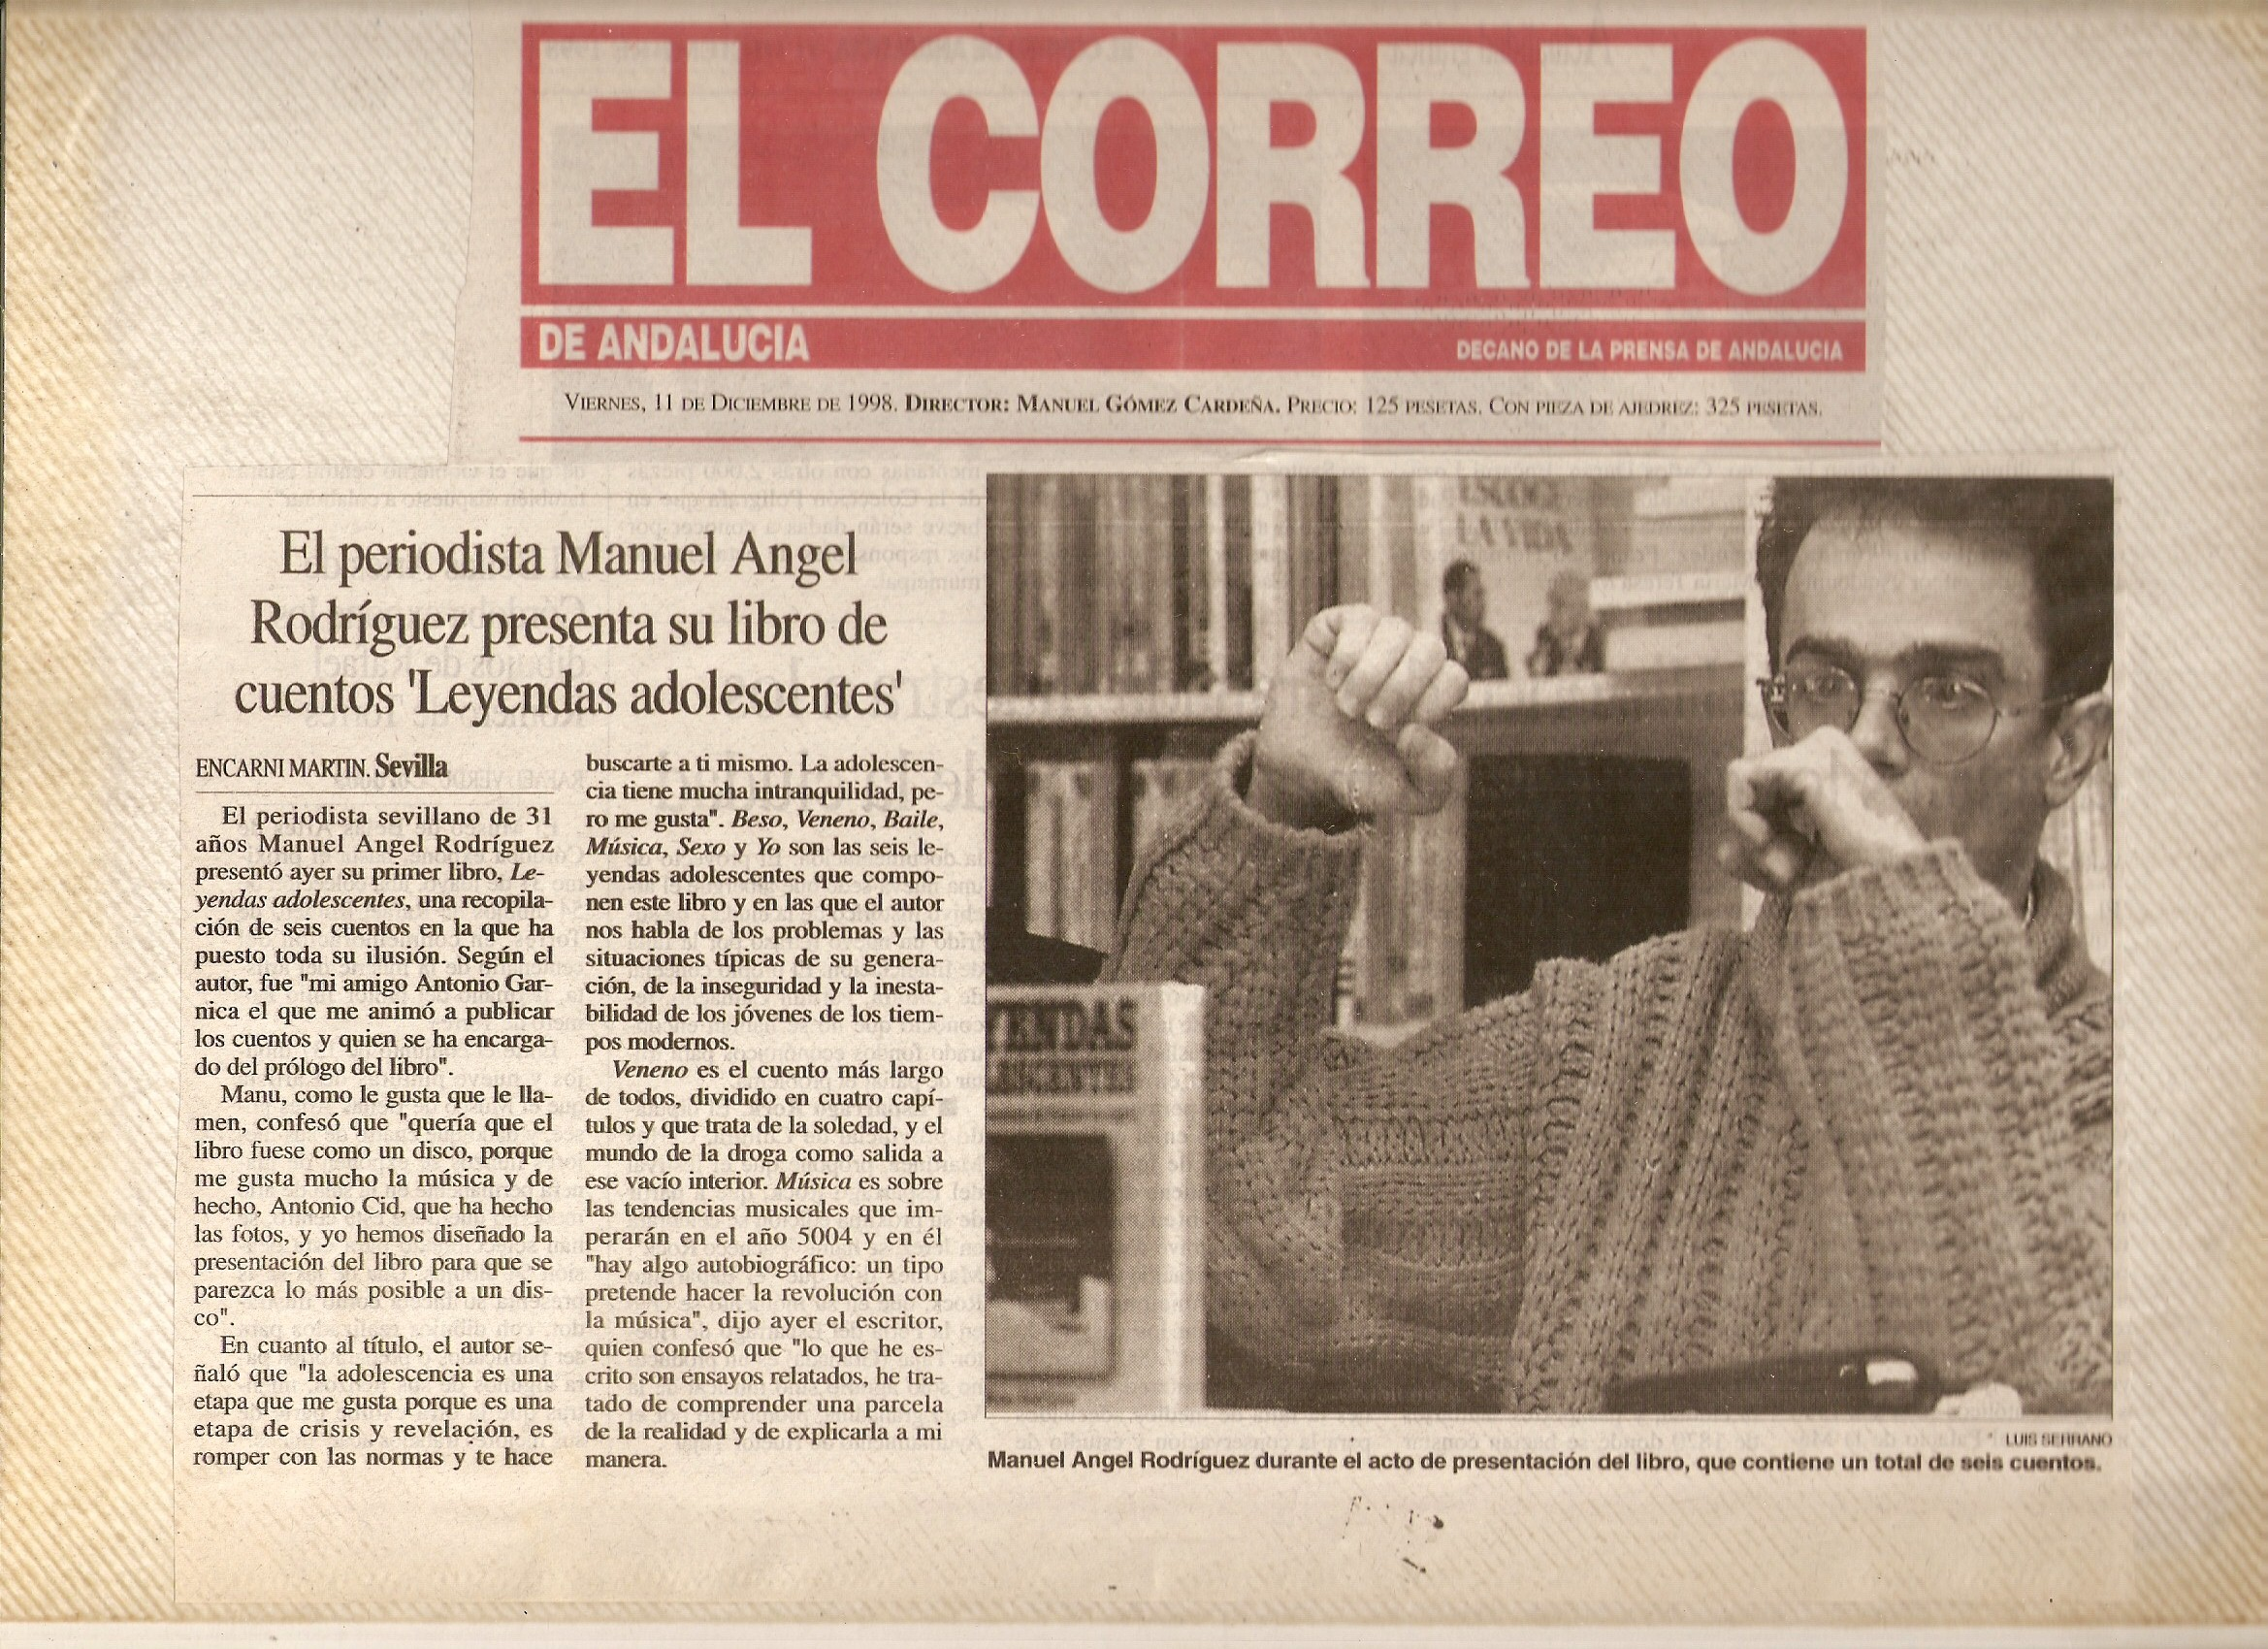 El Correo de Andalucía - 11/12/1998